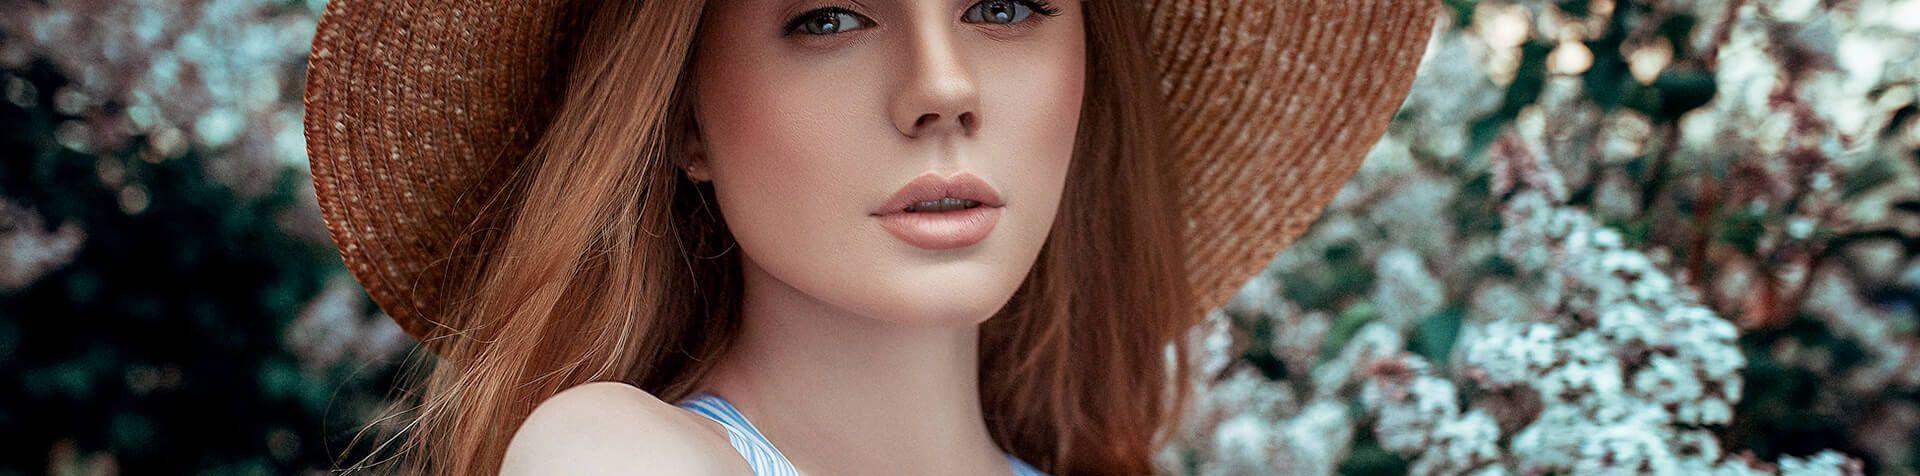 beautiful-lady